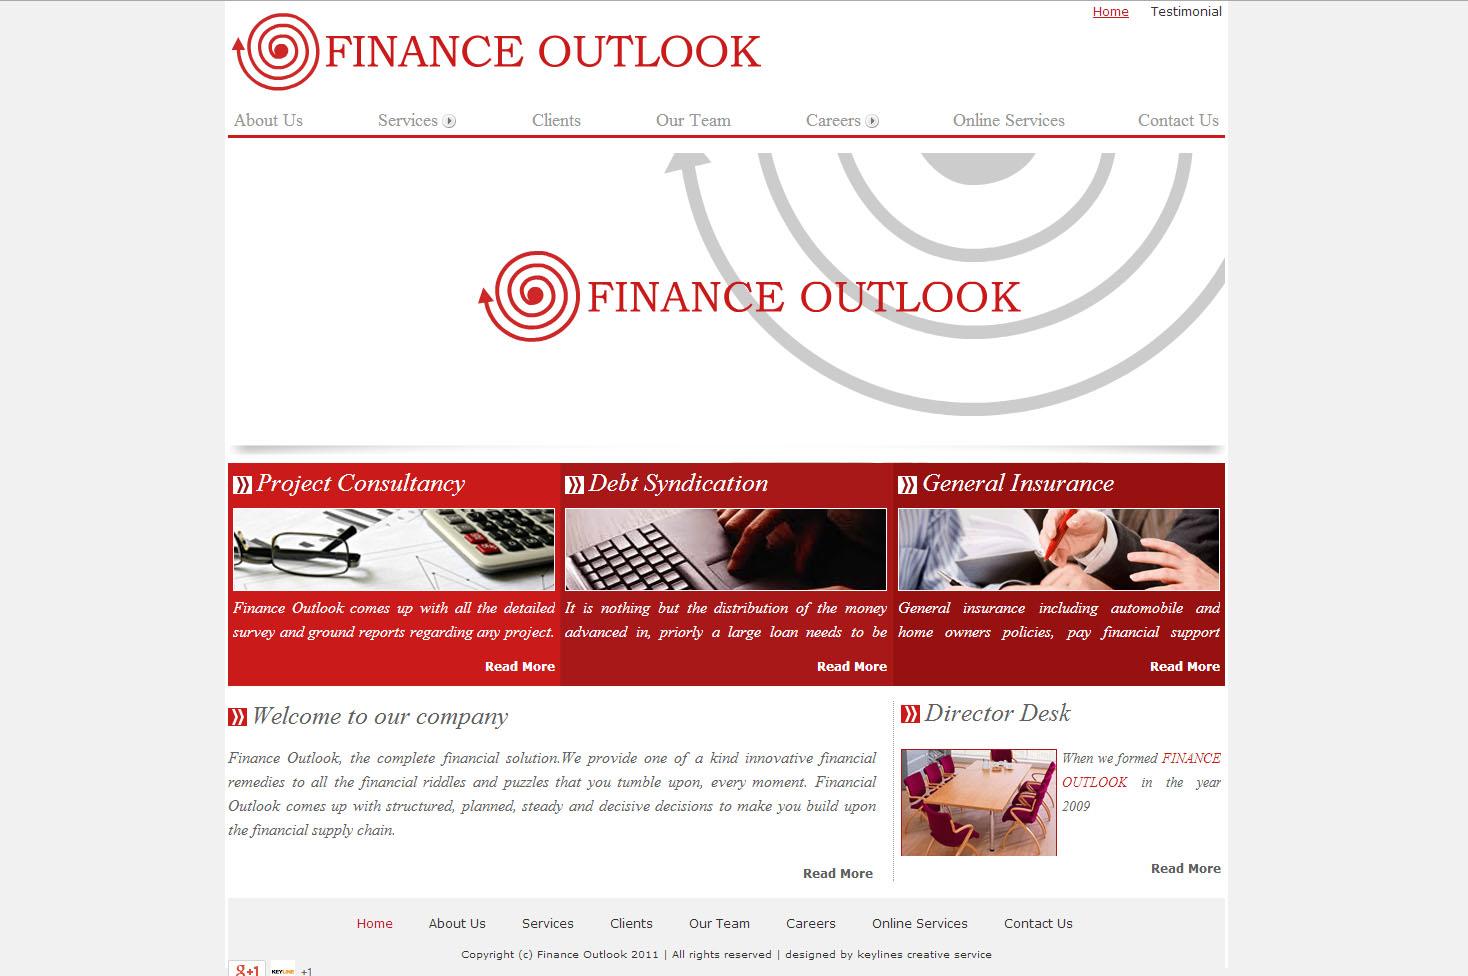 financeoutlook copy